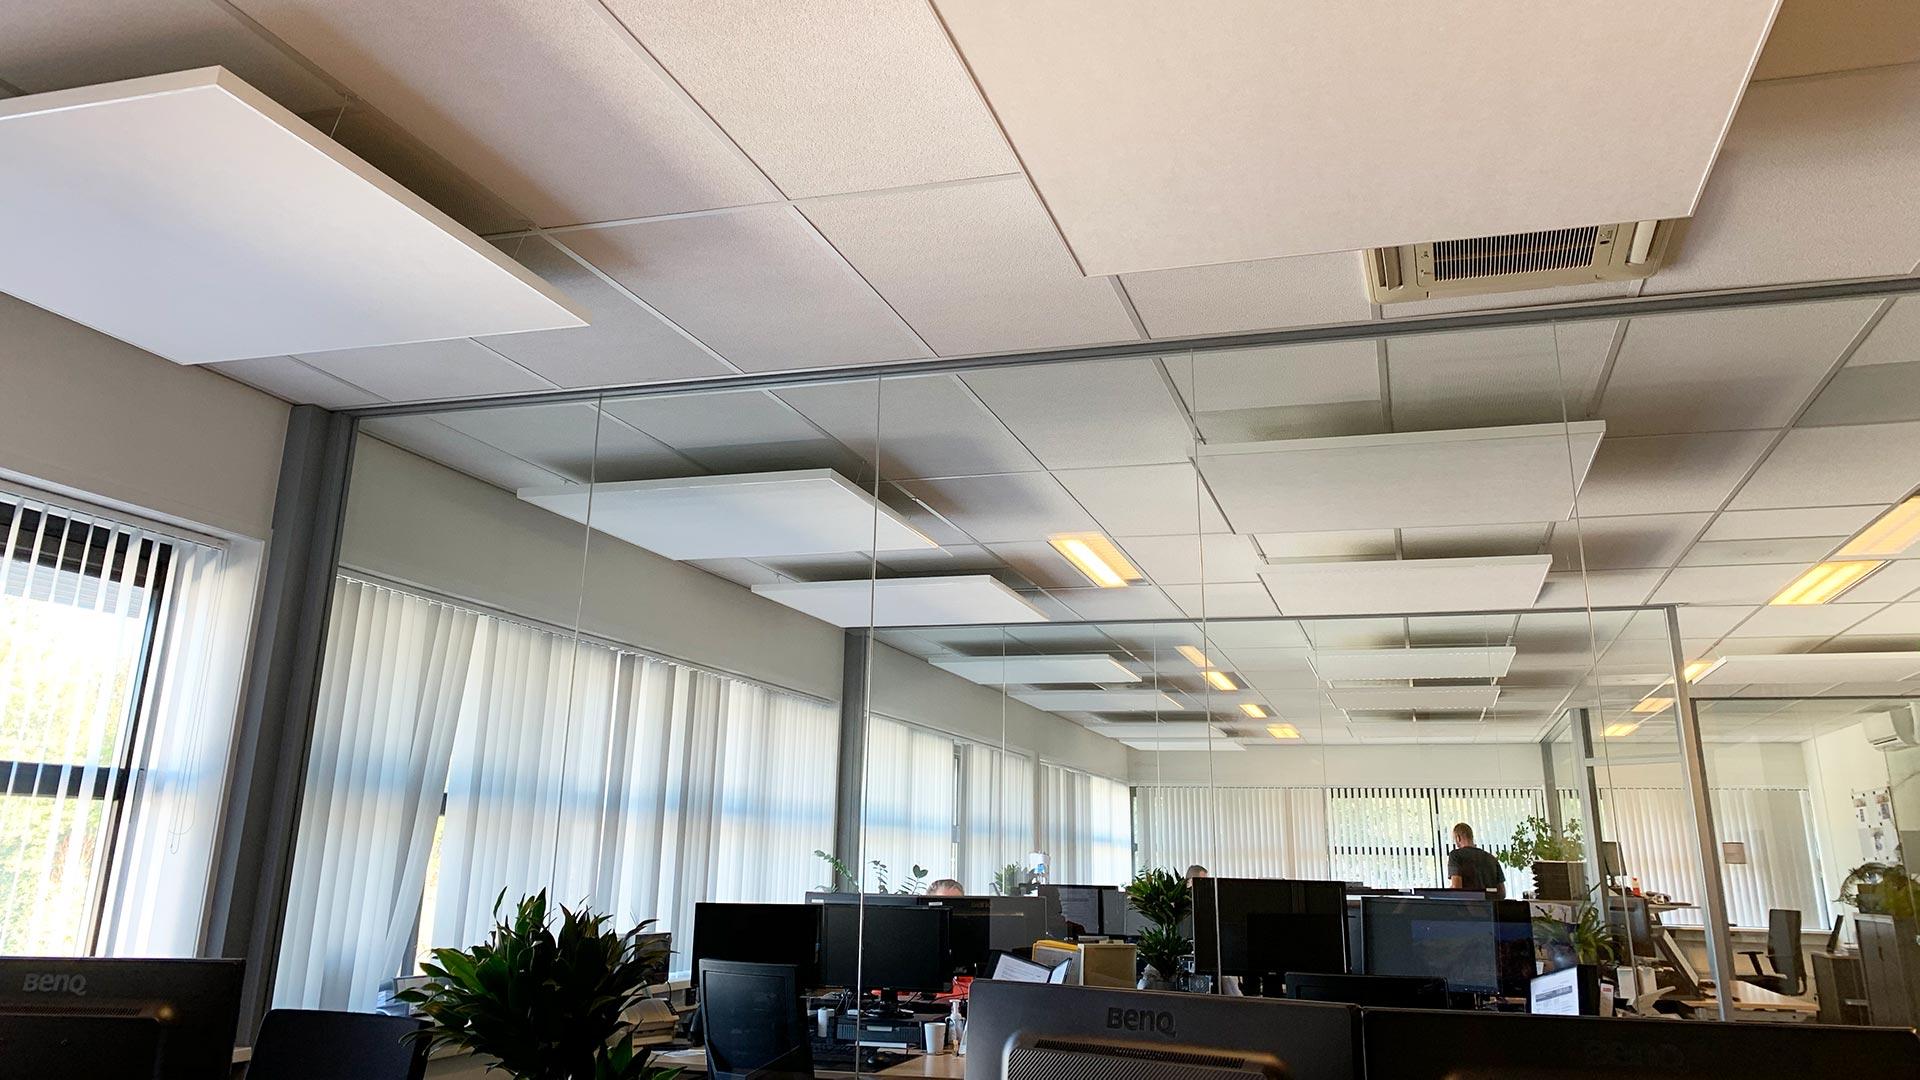 kantoor geluid verbeteren akoestiek